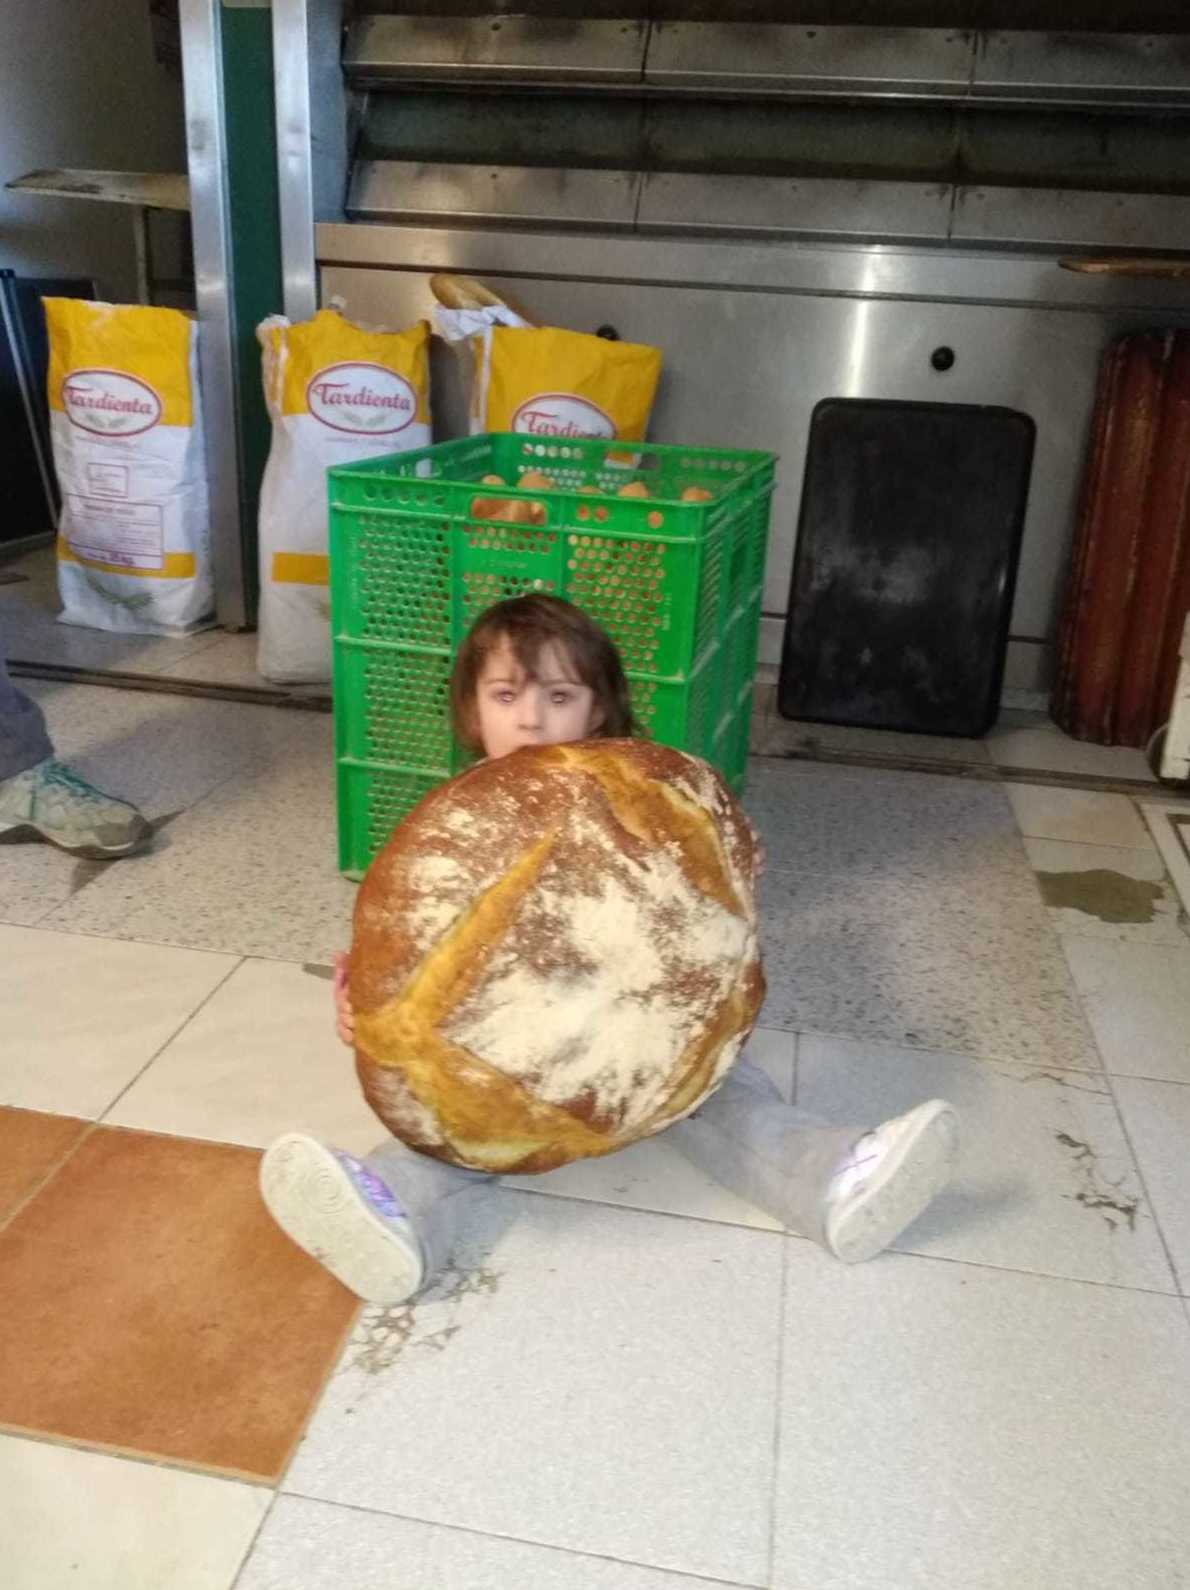 Panadería Basilio, garantía de calidad. Pan artesanal de toda la vida.